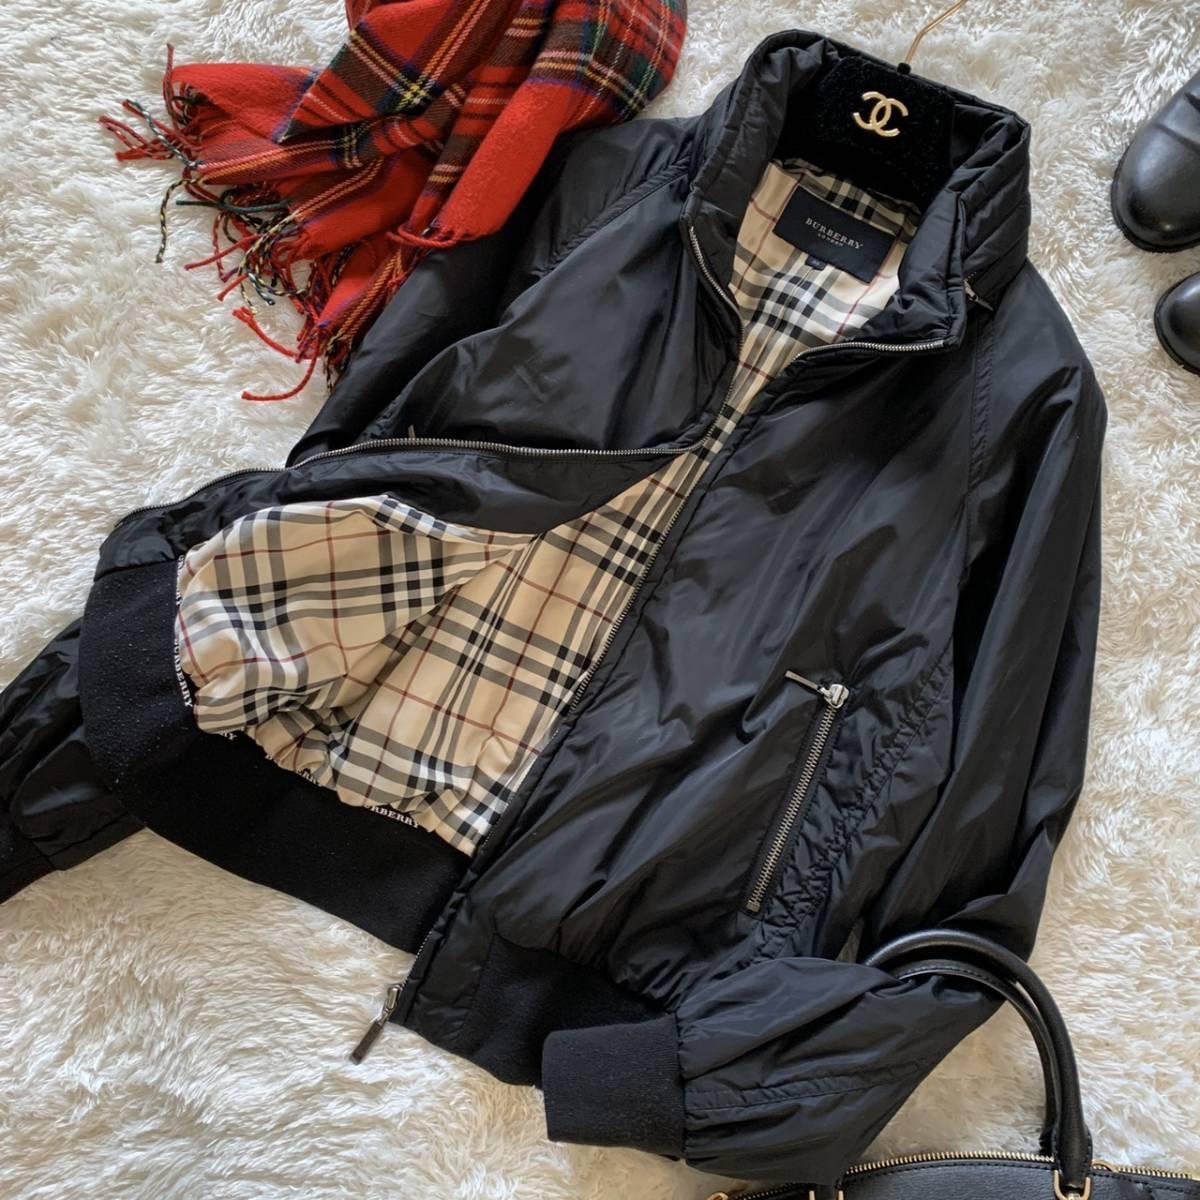 極美品 バーバリーロンドン ナイロン ジャケット ブラック 黒 38 レディース ブルゾン MA-1 フード付き ノバチェック BURBERRY LONDON